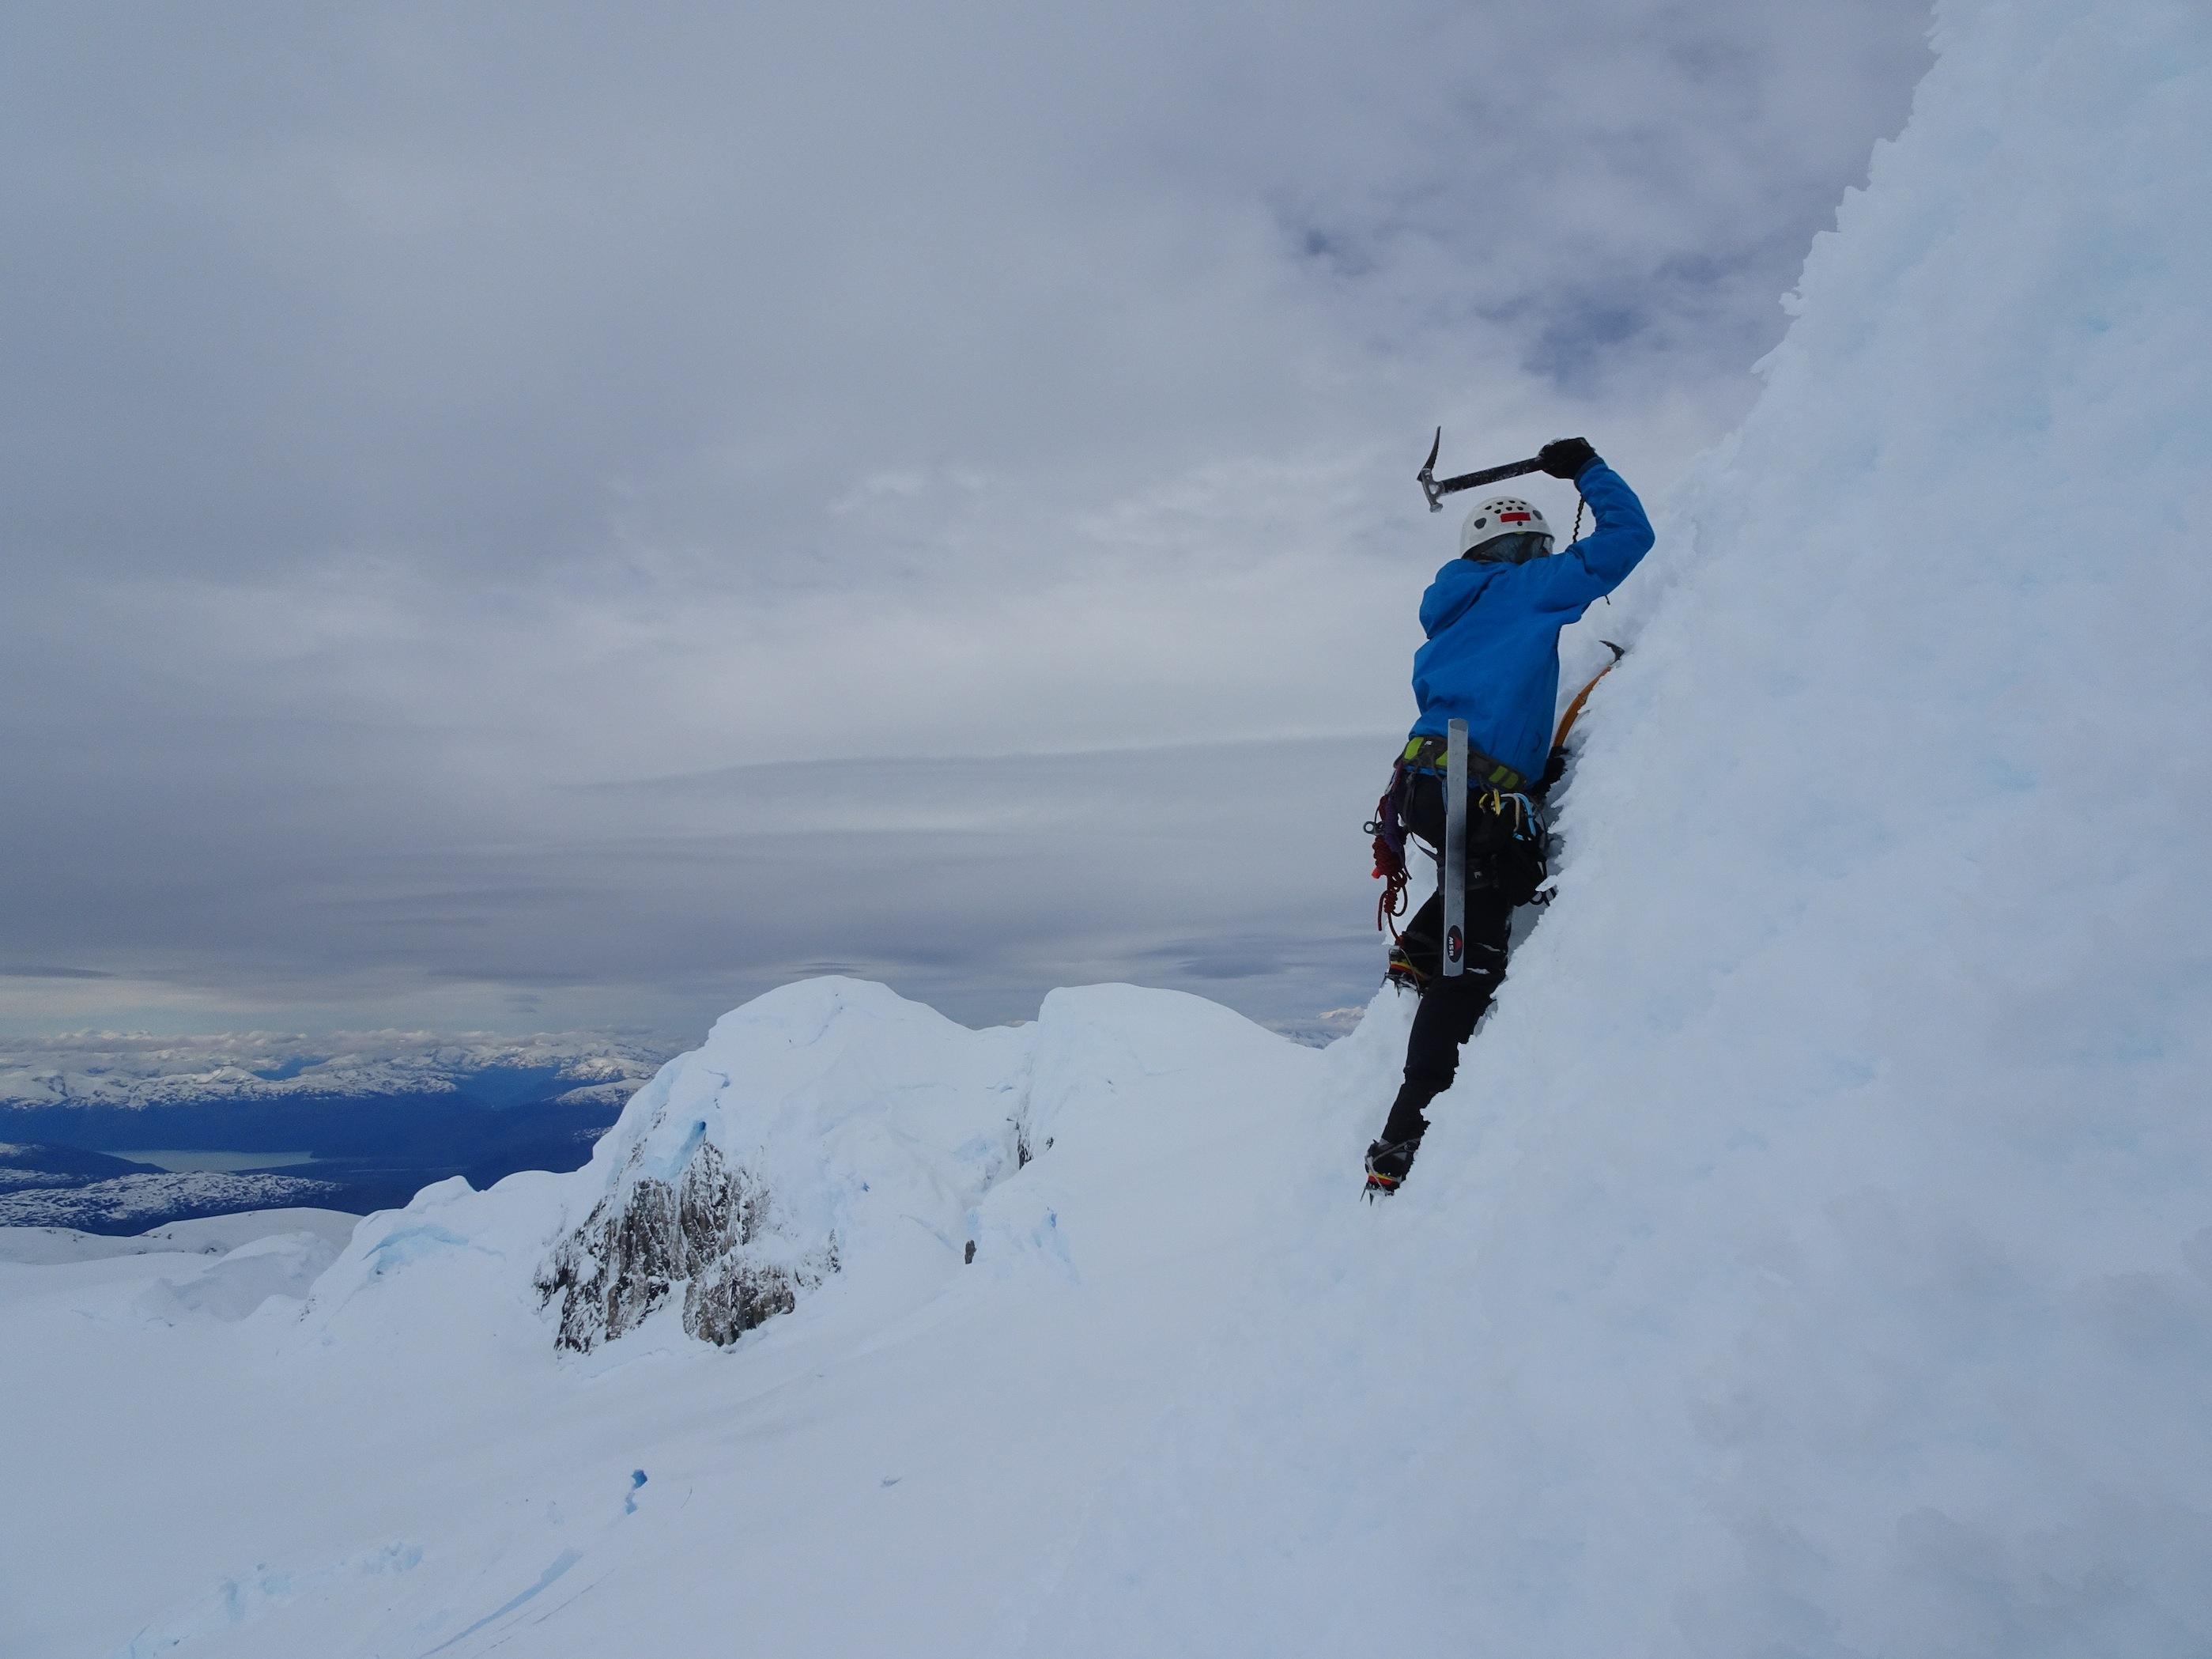 Matías Prieto escalando hacia la cumbre Del Cerro ACGM. Foto: Dario Arancibia